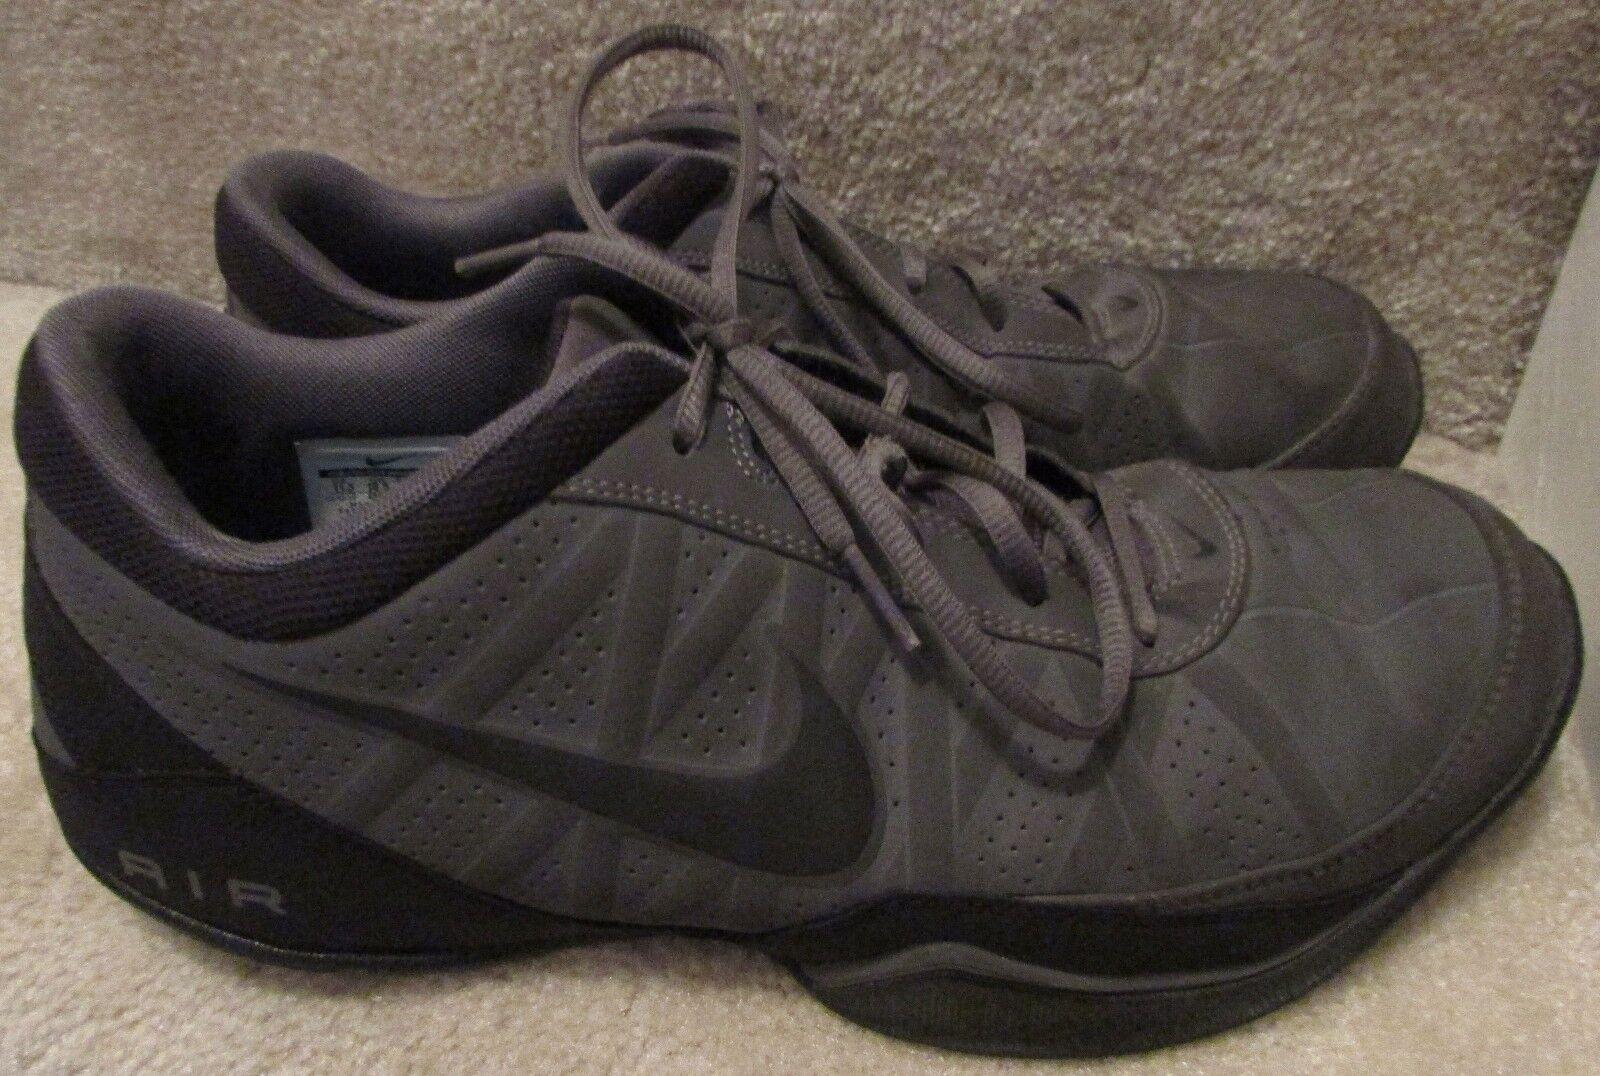 Zapatillas de baloncesto Nike 488102-002 Air Ring Leader bajo 488102-002 Nike comodo e0d7b7